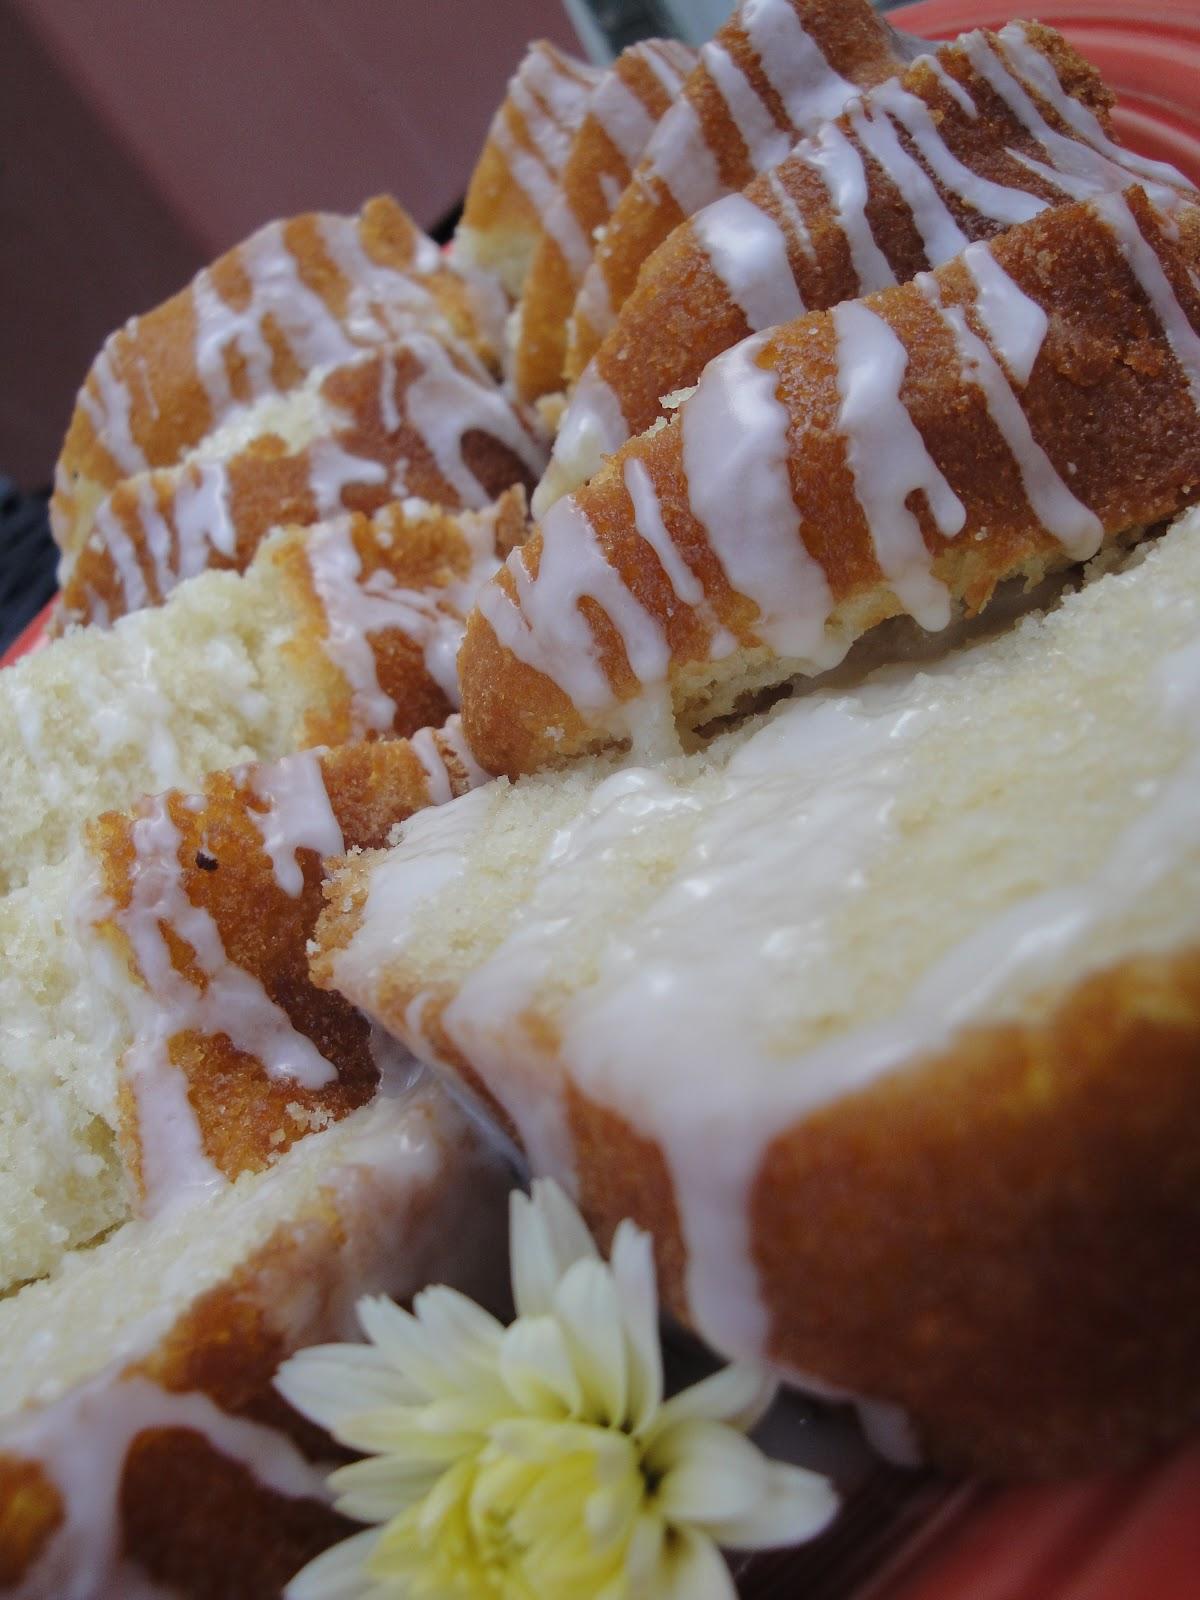 Squirrels-n-Sweets: Vanilla Buttermilk Pound Cake with Lemon Glaze